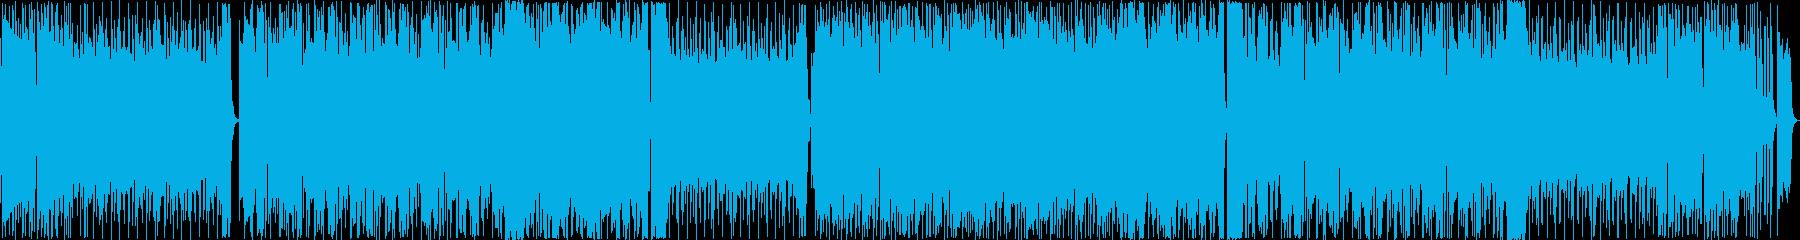 王道カッコイイ系フュージョンの再生済みの波形